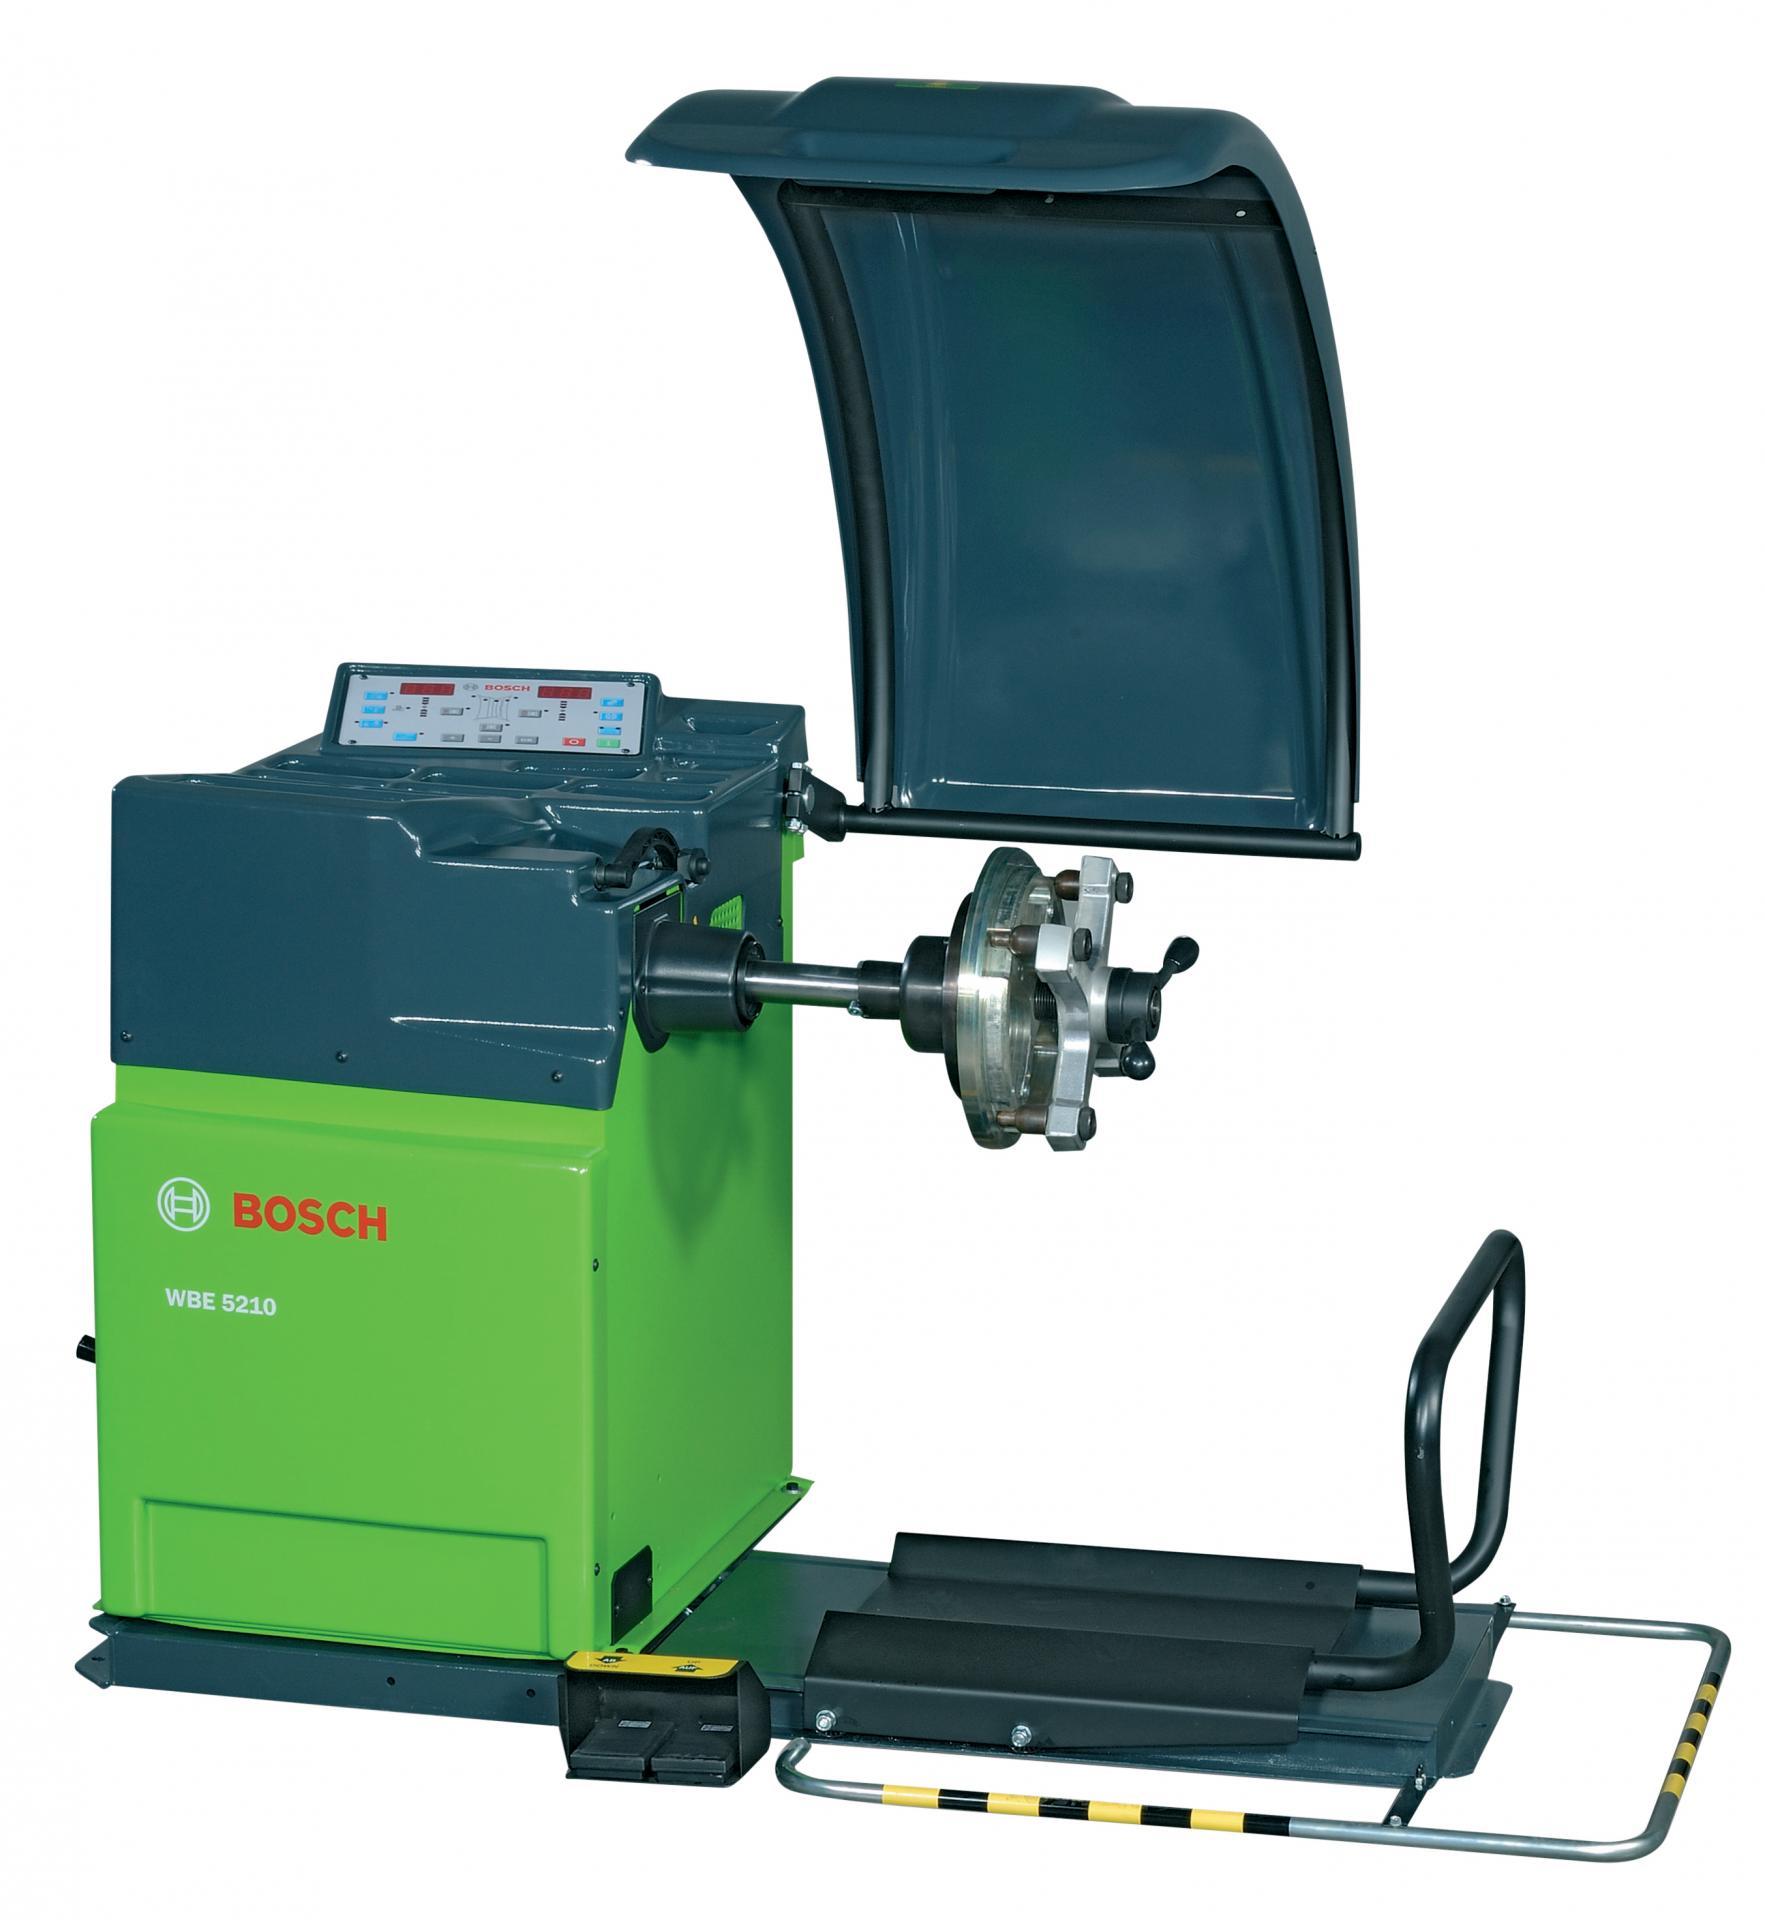 Wuchtmaschine WBE 5210